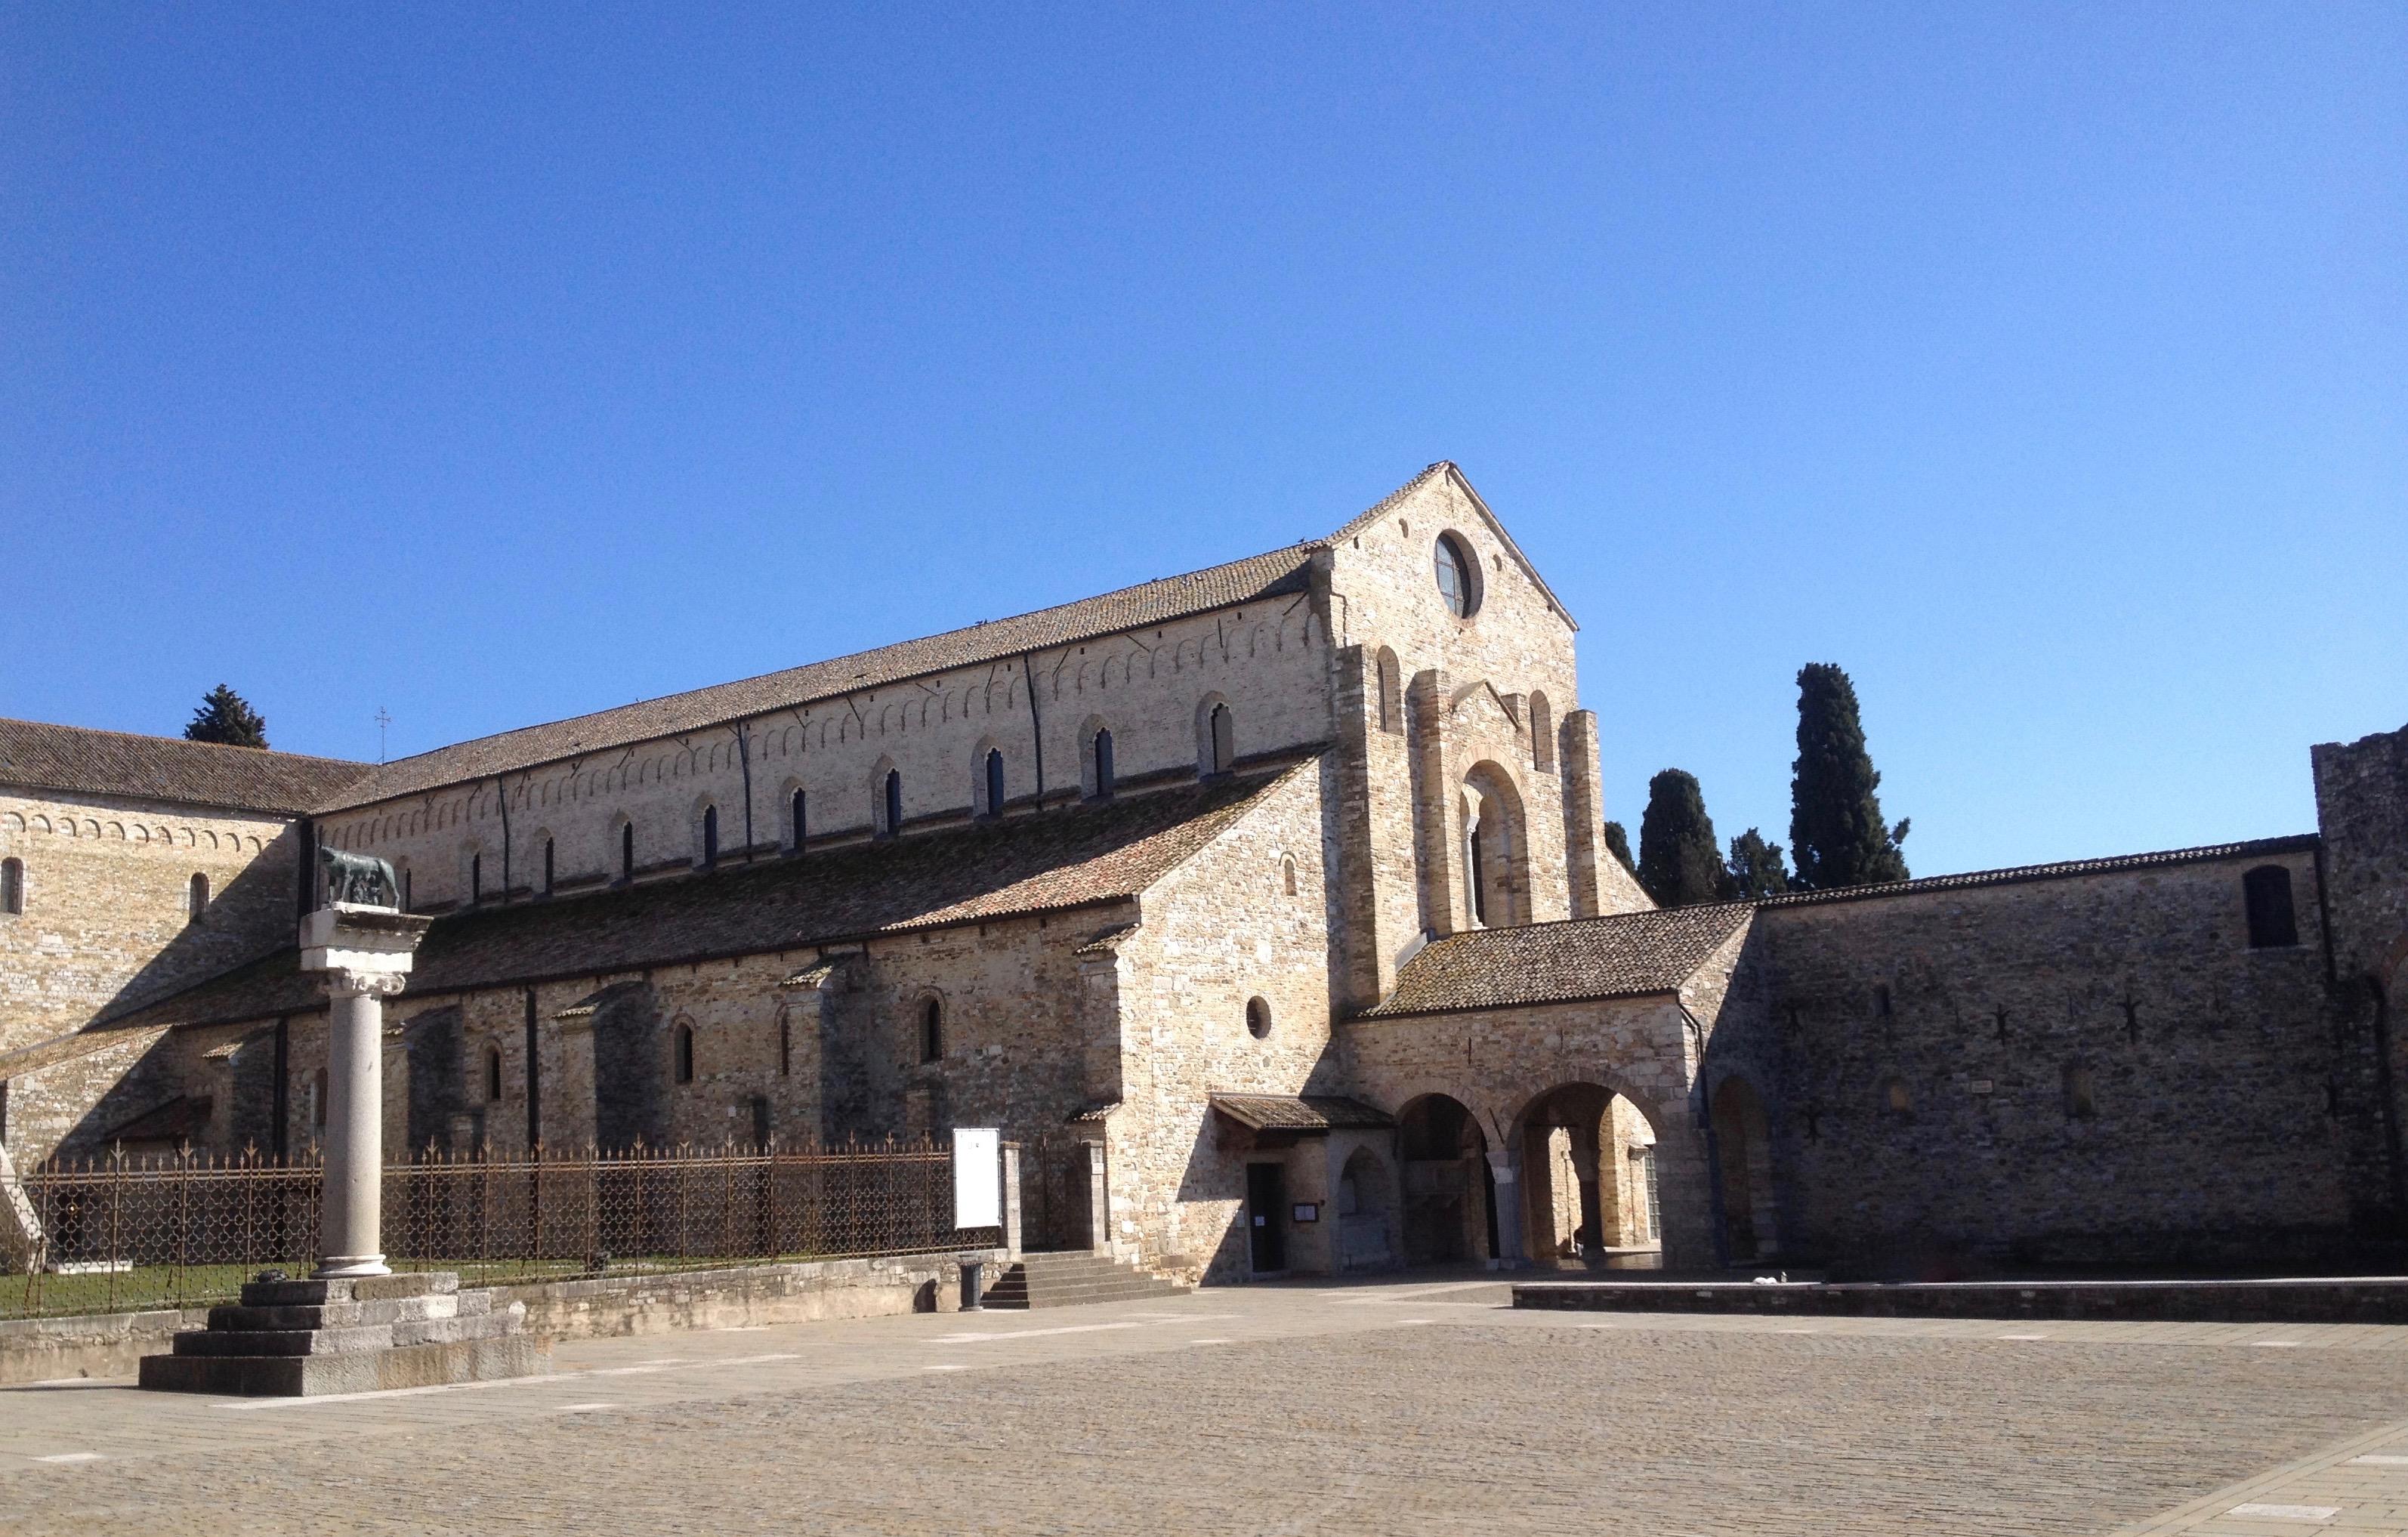 Basilica van Aquileia